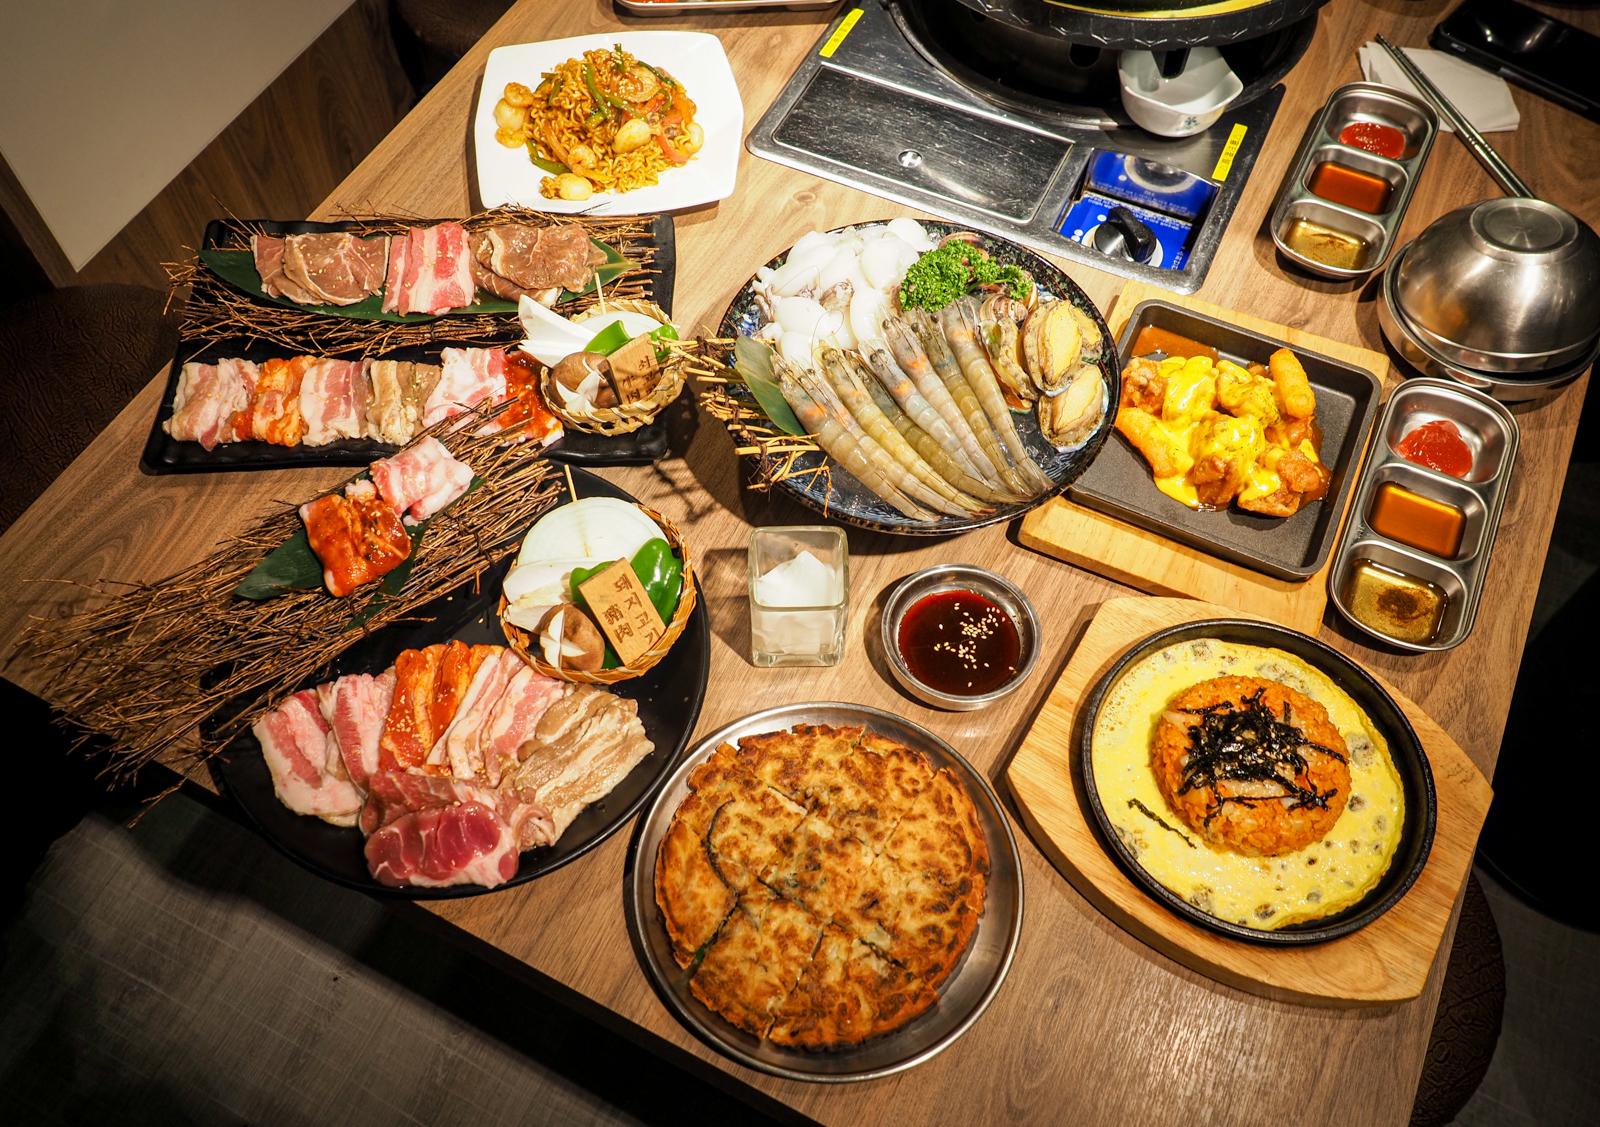 小豬樂石韓式烤肉  願稱你北台灣最狂韓式燒肉吃到飽  各種韓式料理直逼餐館單點水準